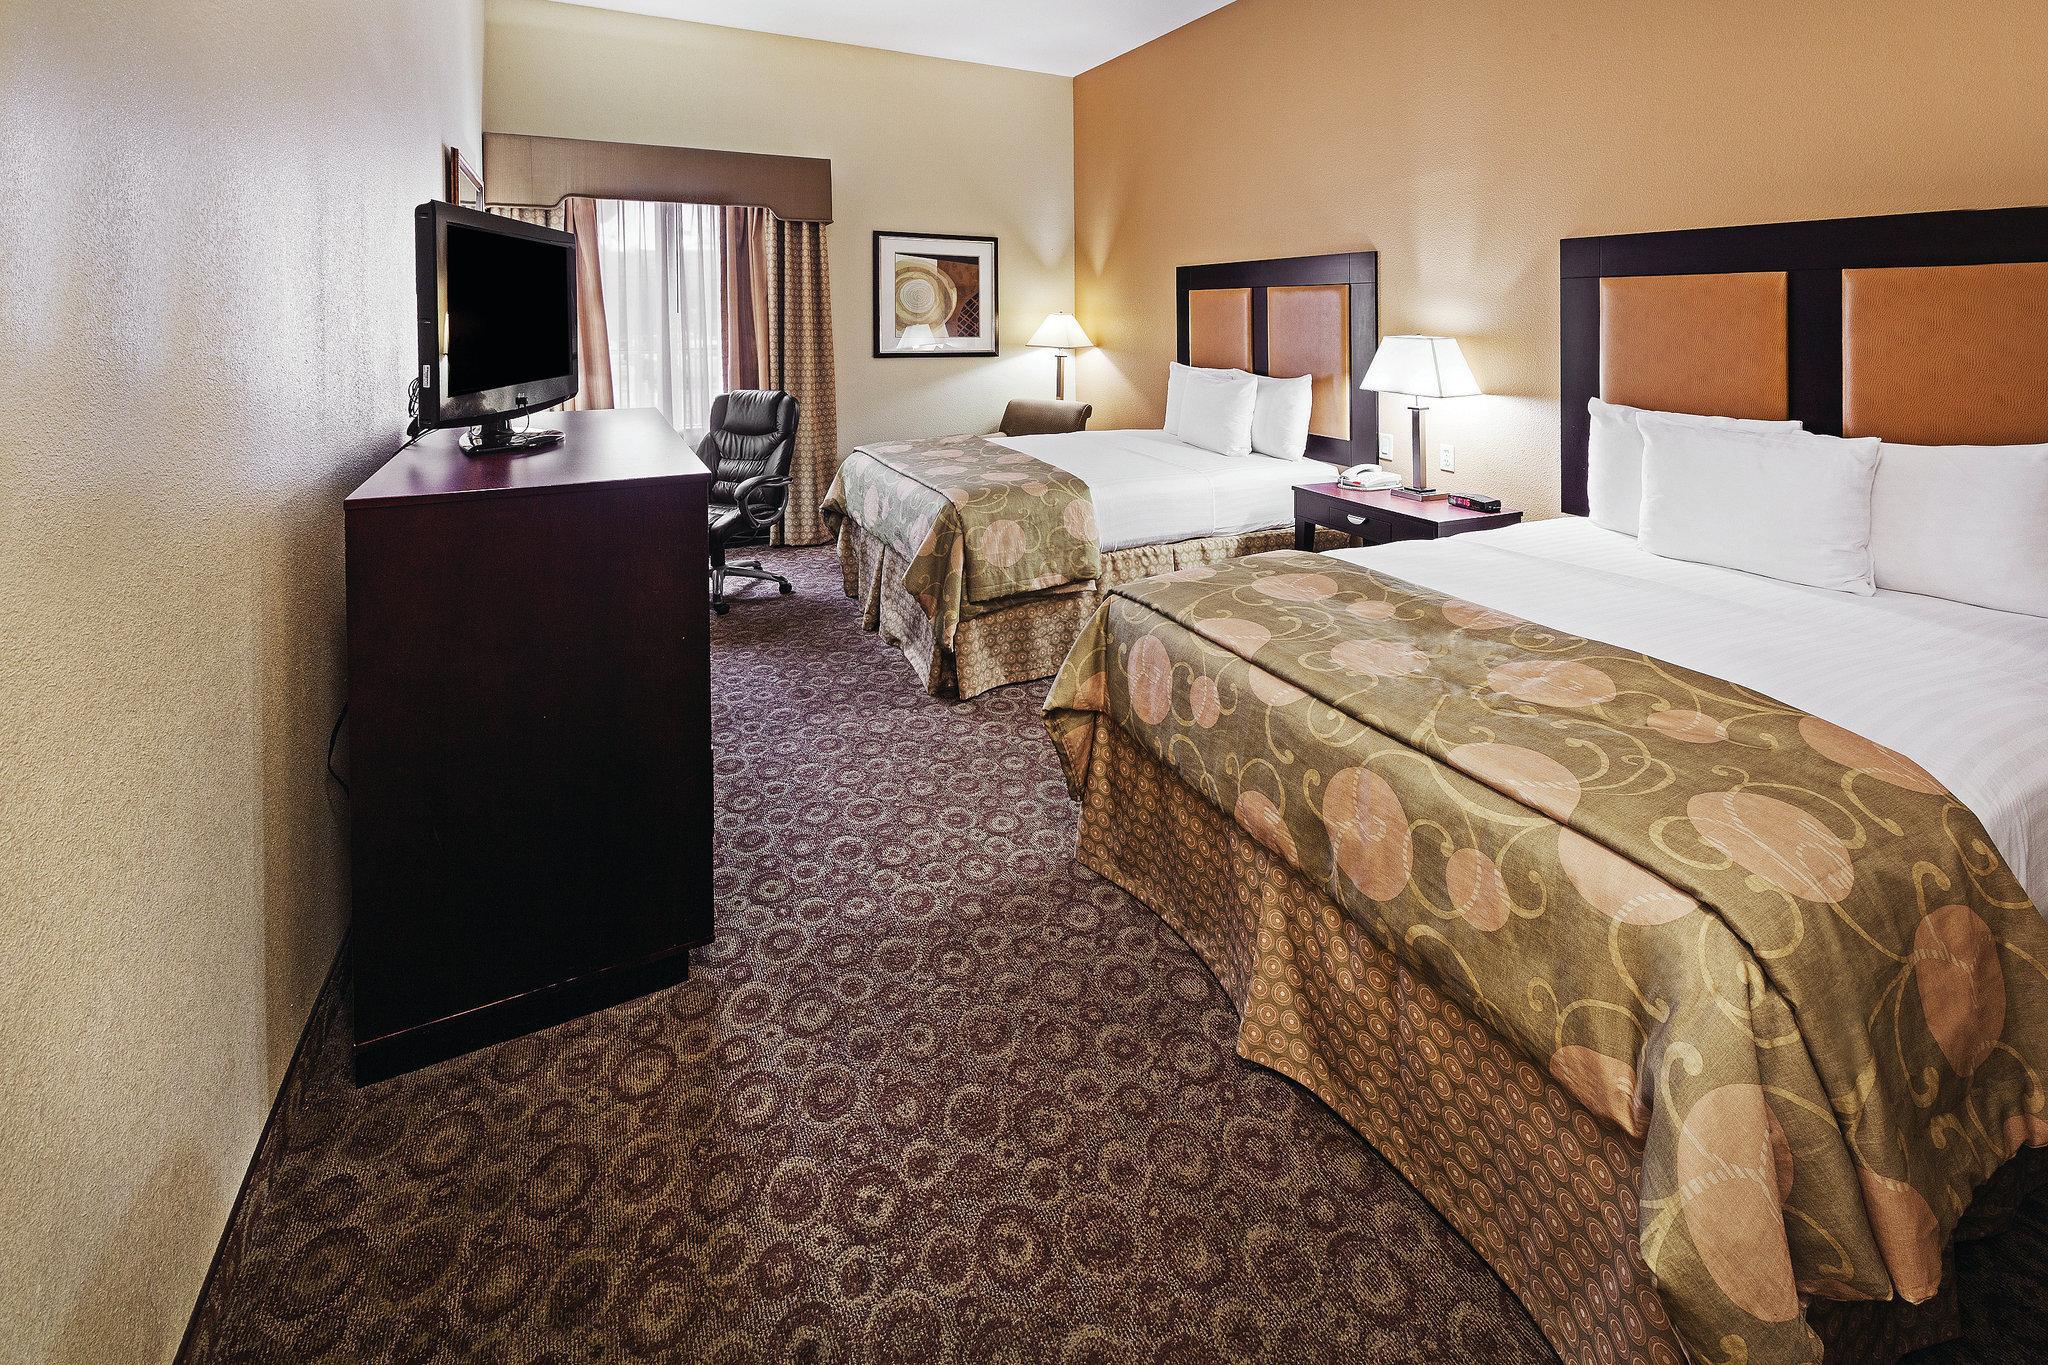 La Quinta Inn & Suites DFW Airport West - Bedford